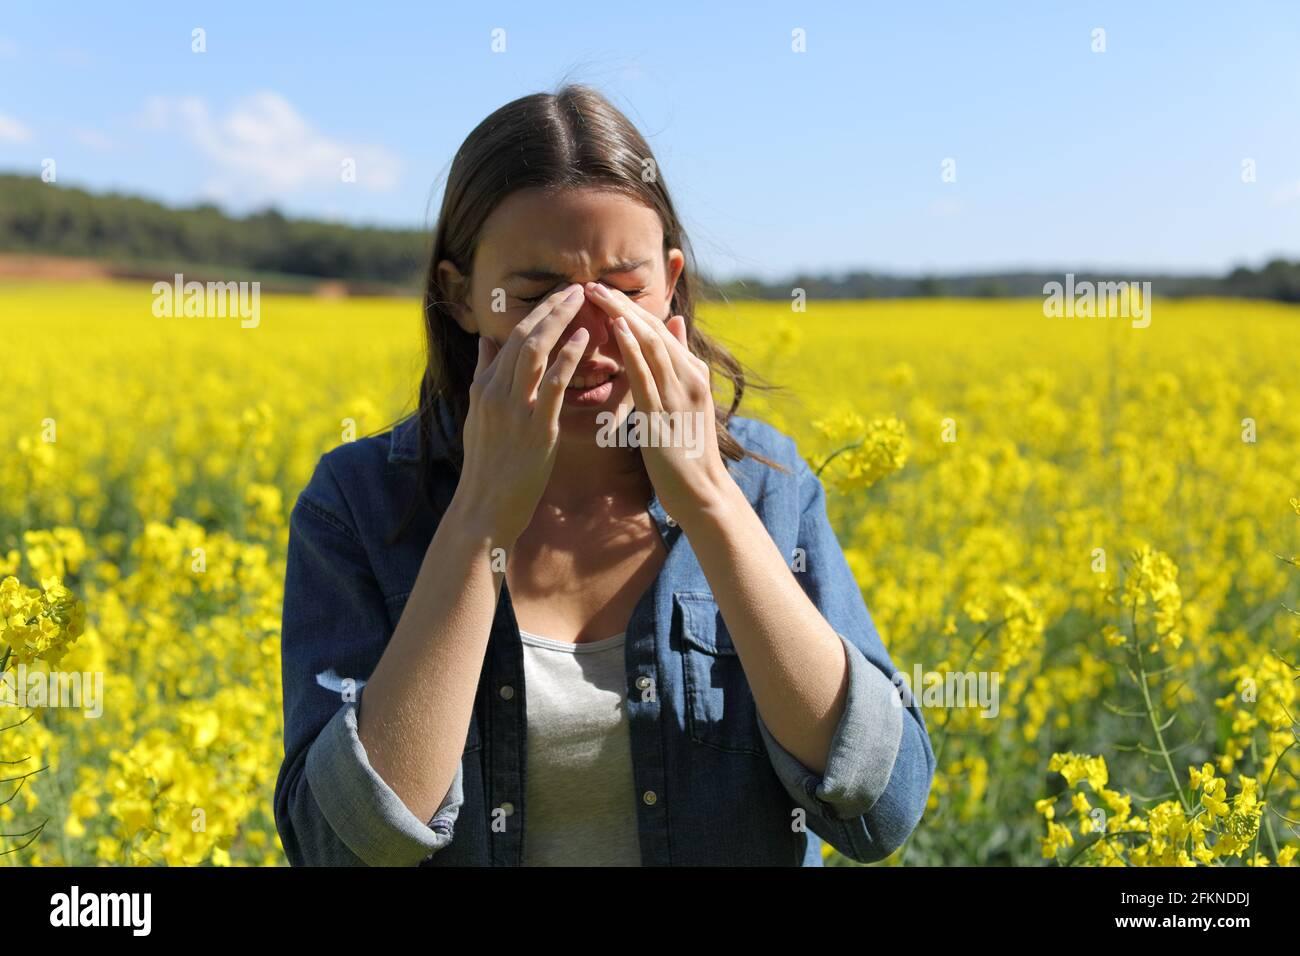 Femme allergique se grattant les yeux qui démangent au printemps en a champ à fleurs jaunes Banque D'Images